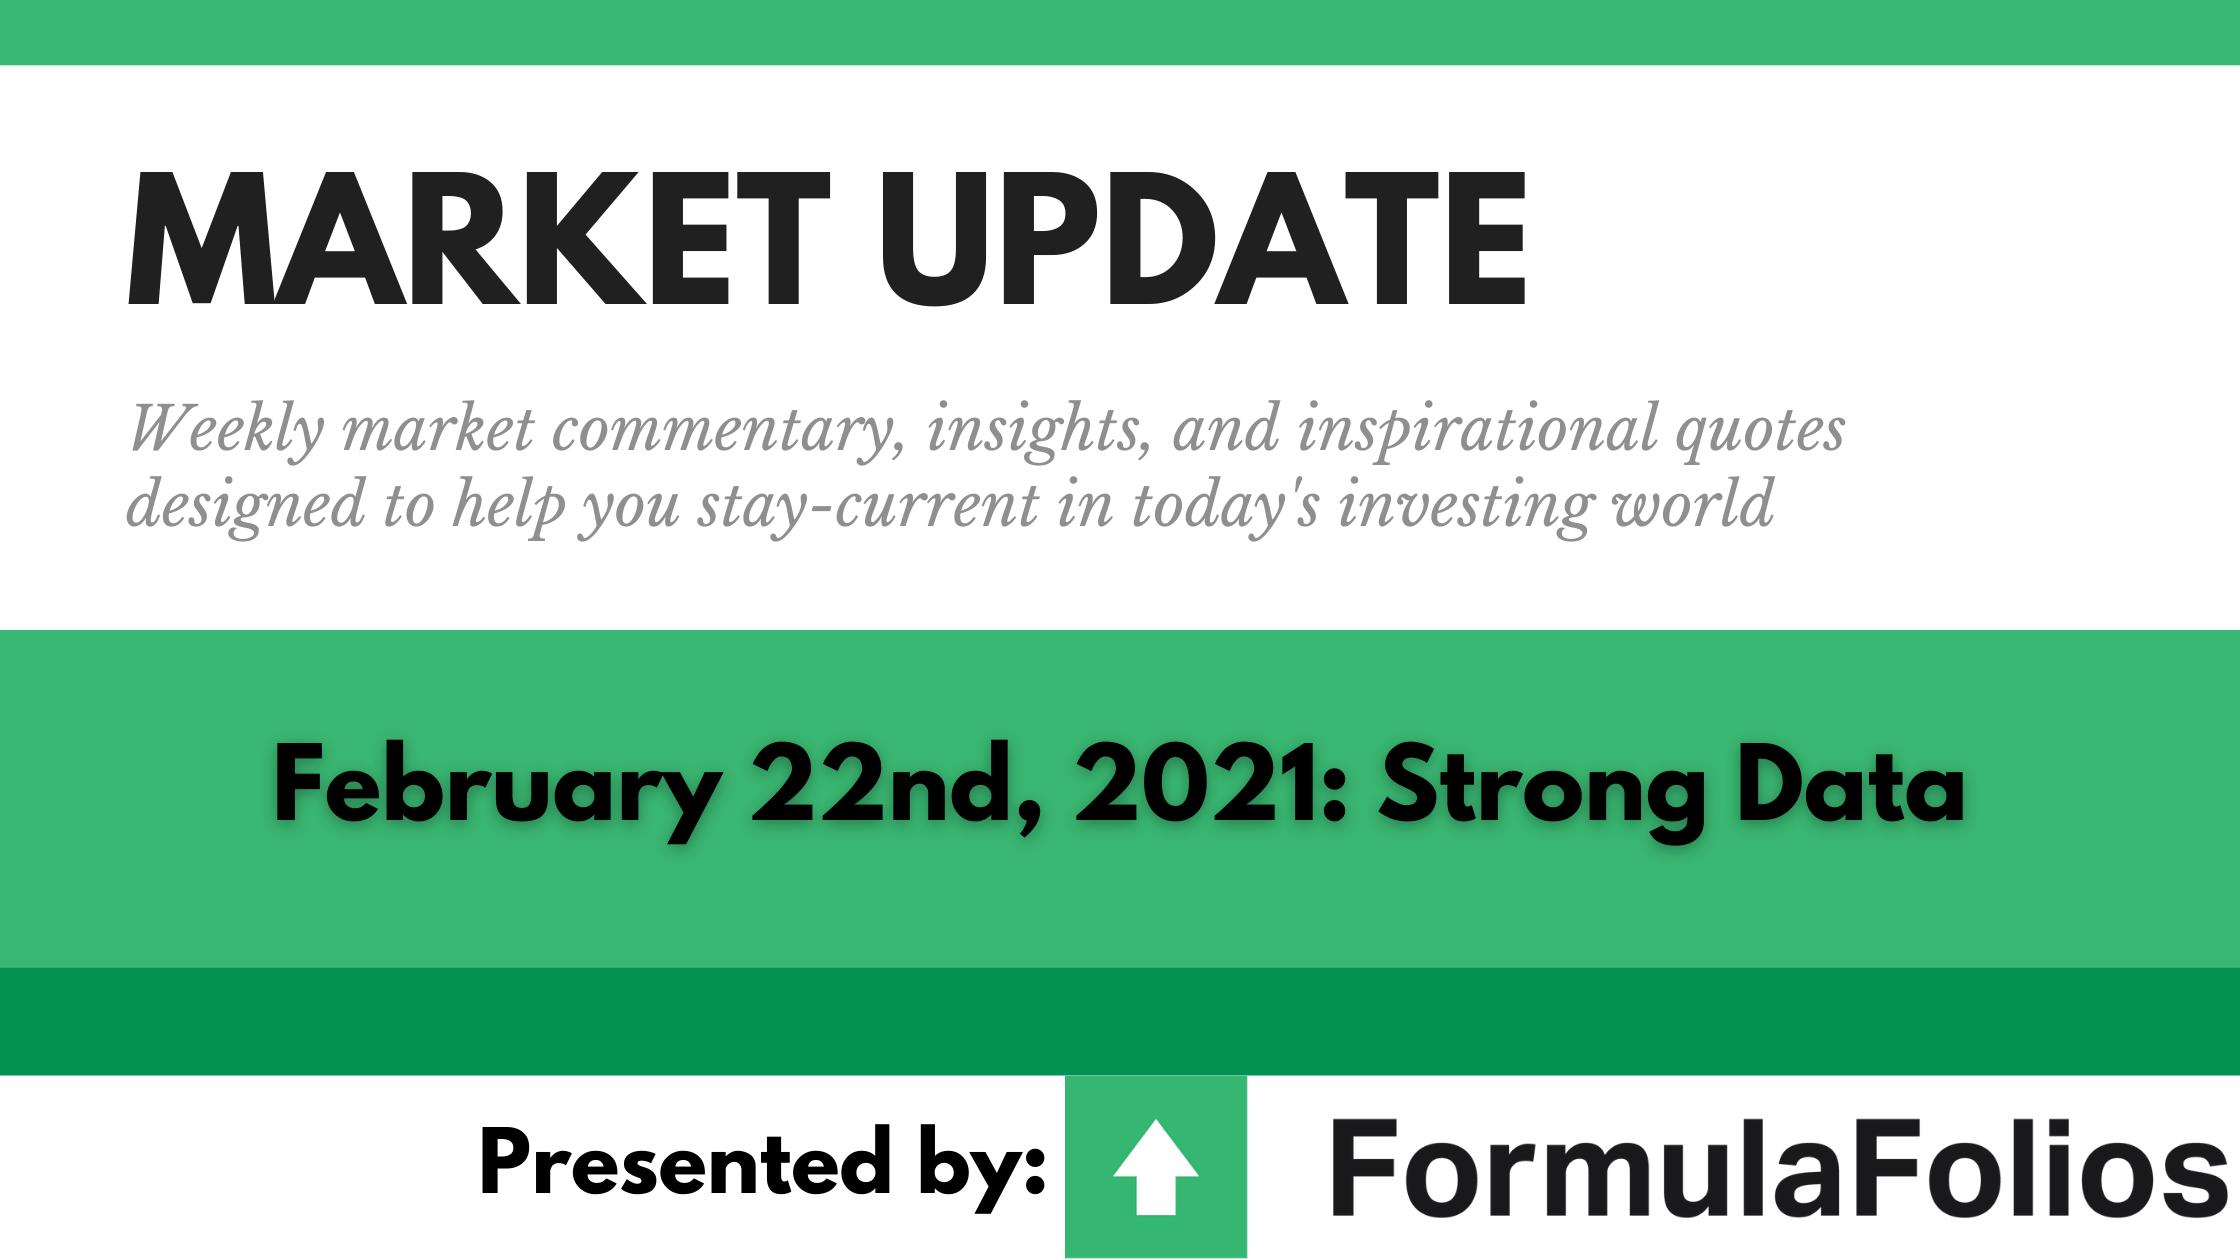 Market Update: Strong Data